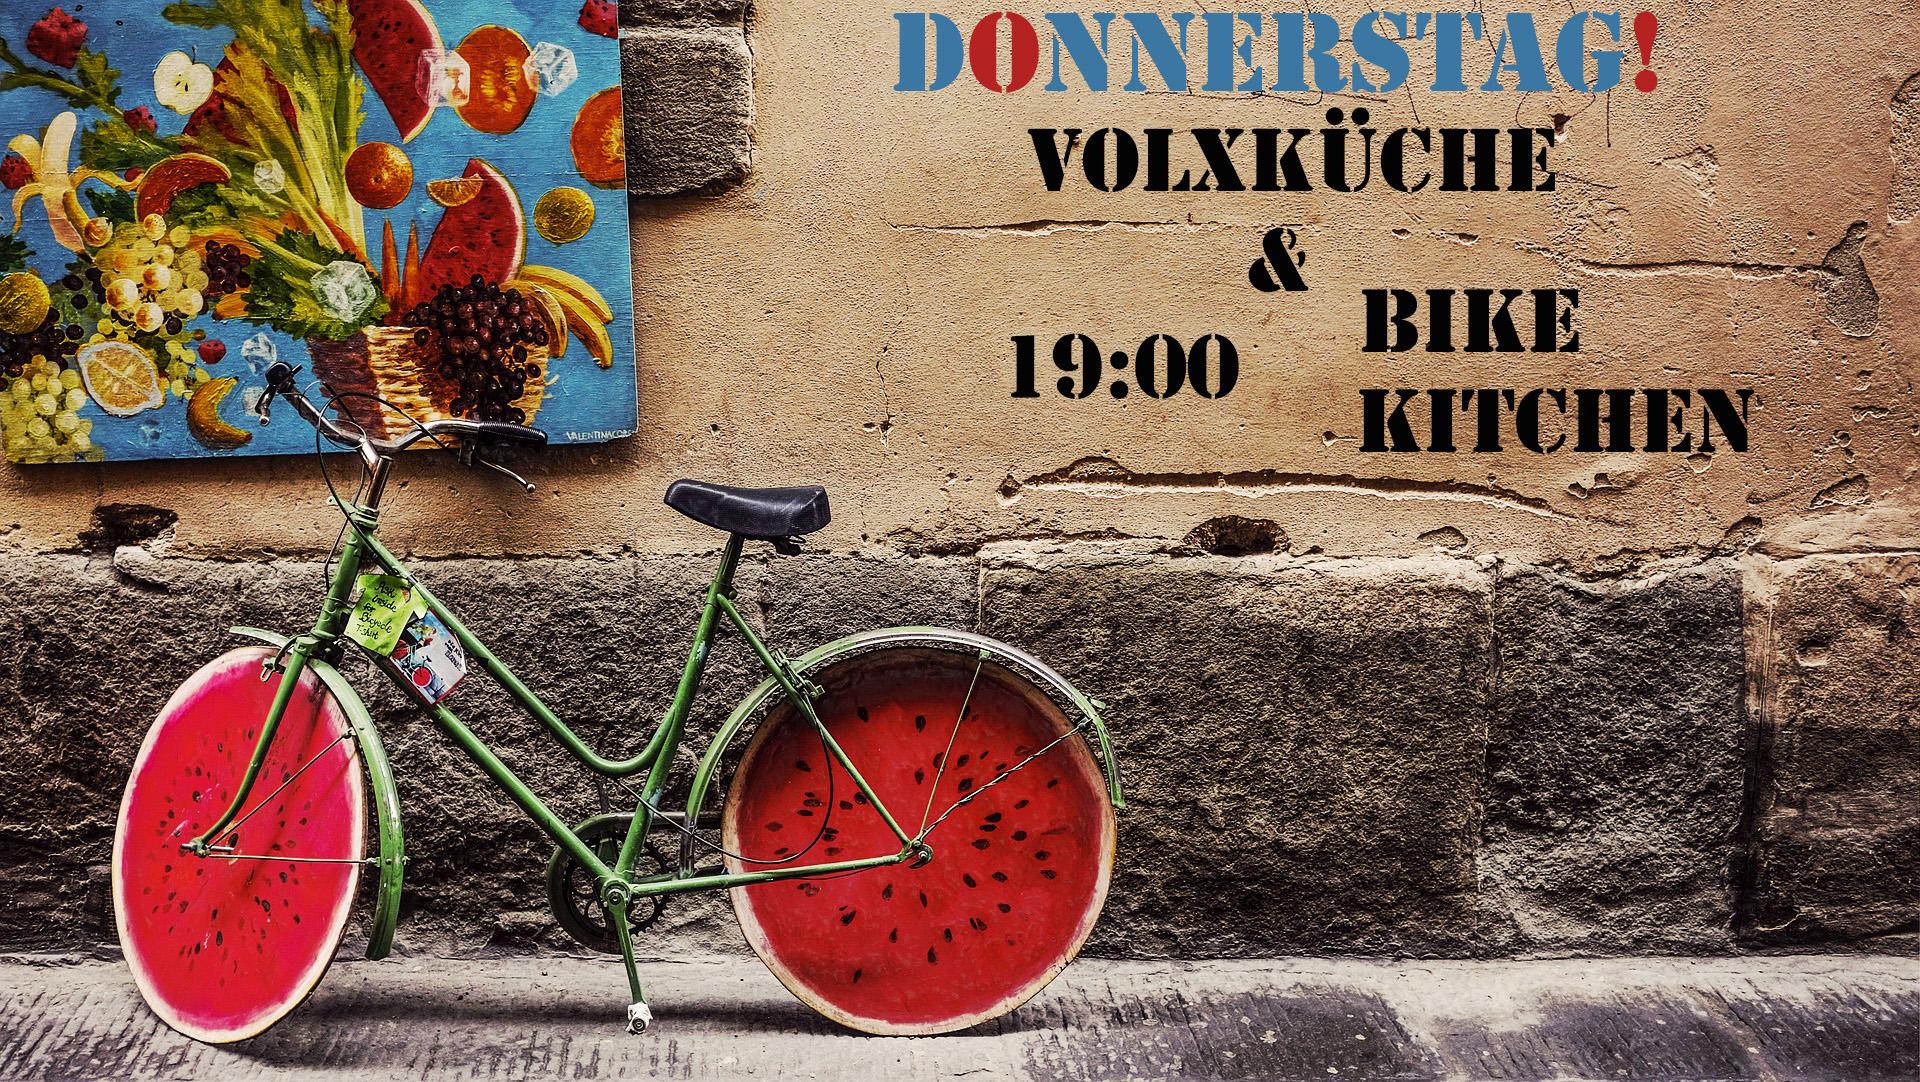 Volxkuche Bike Kitchen Jeden Donnerstag Im Mark Mark Salzburg